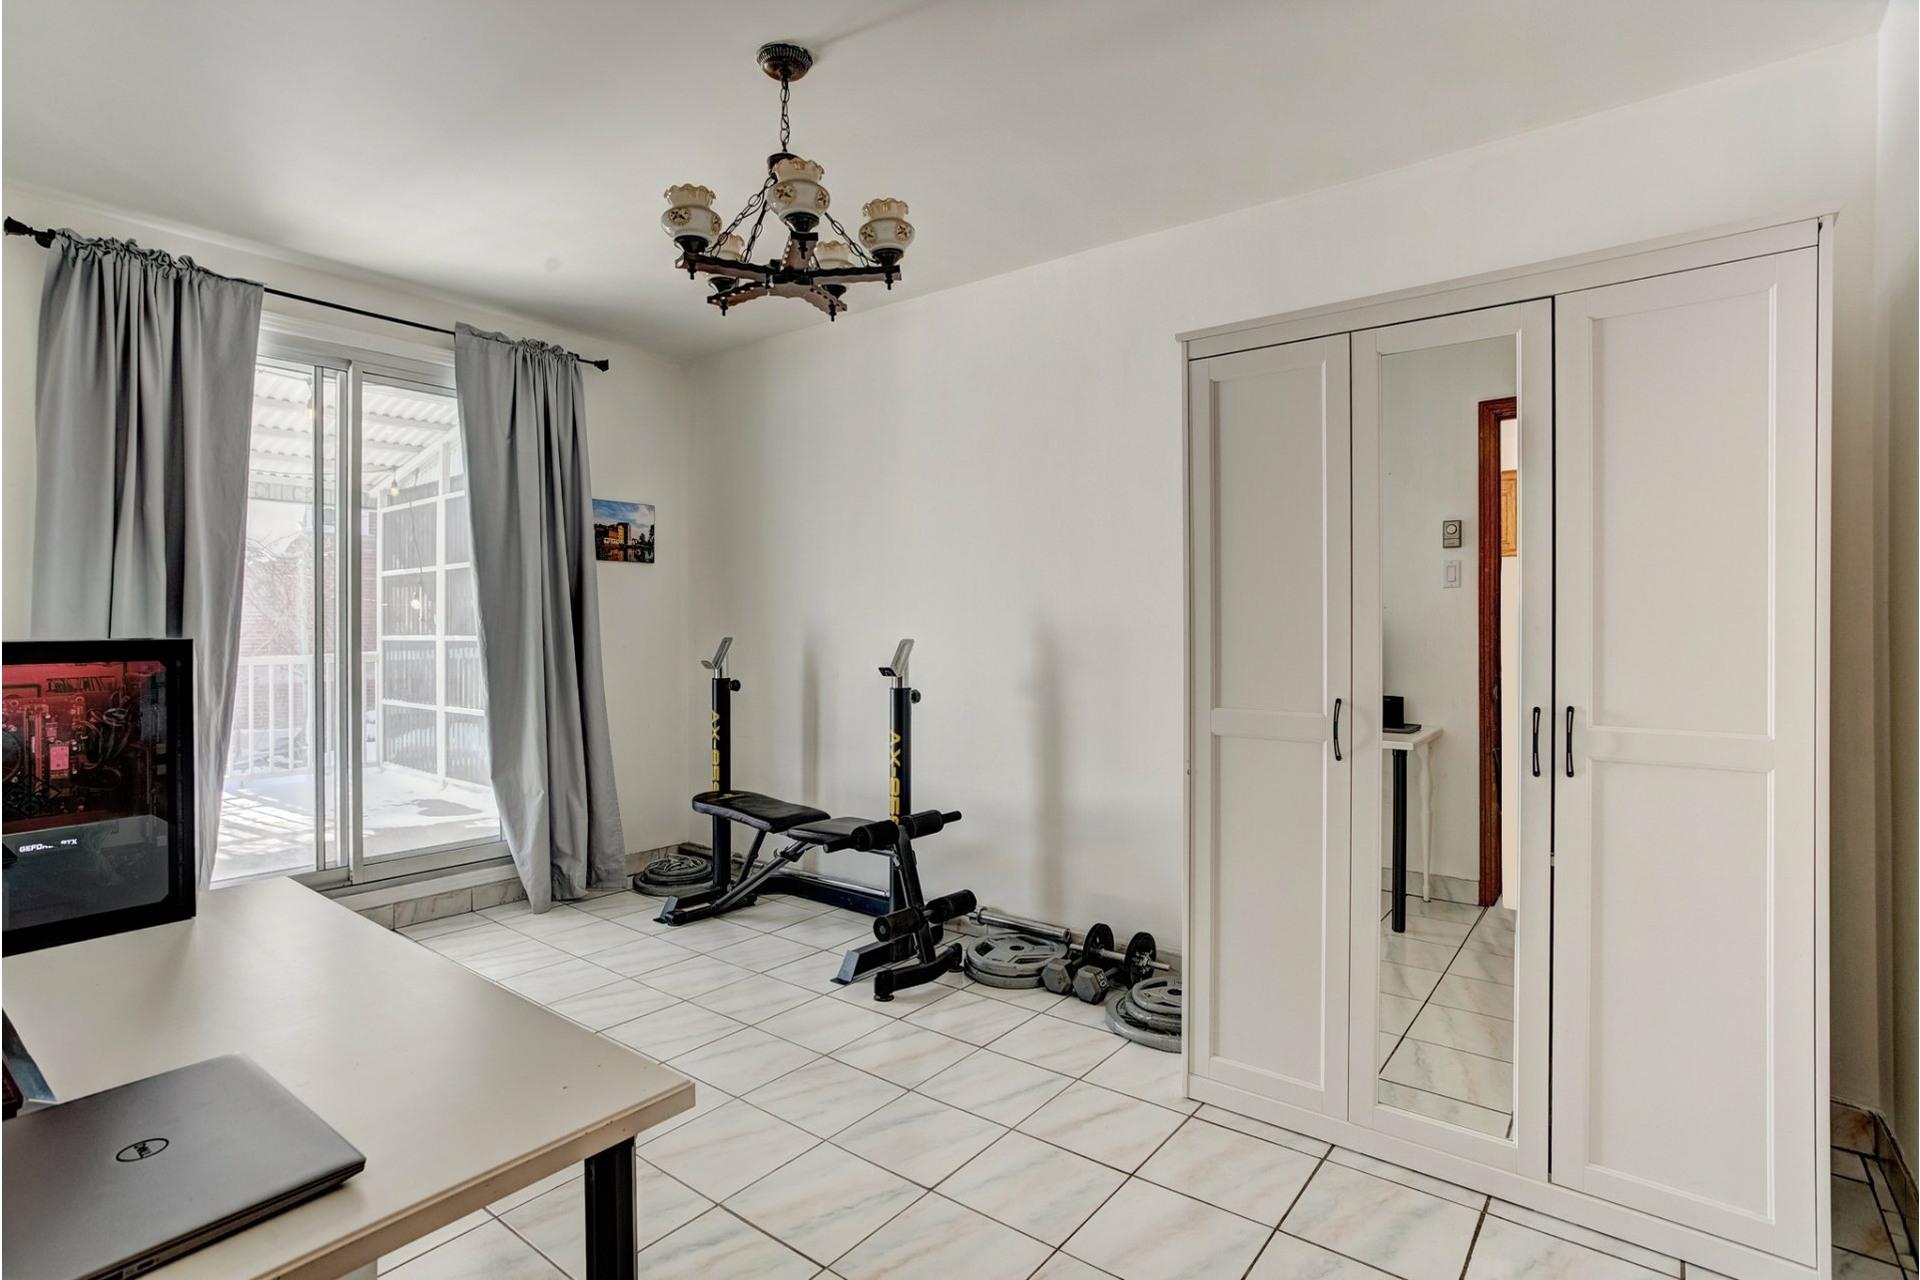 image 9 - Quadruplex À vendre Rosemont/La Petite-Patrie Montréal  - 5 pièces